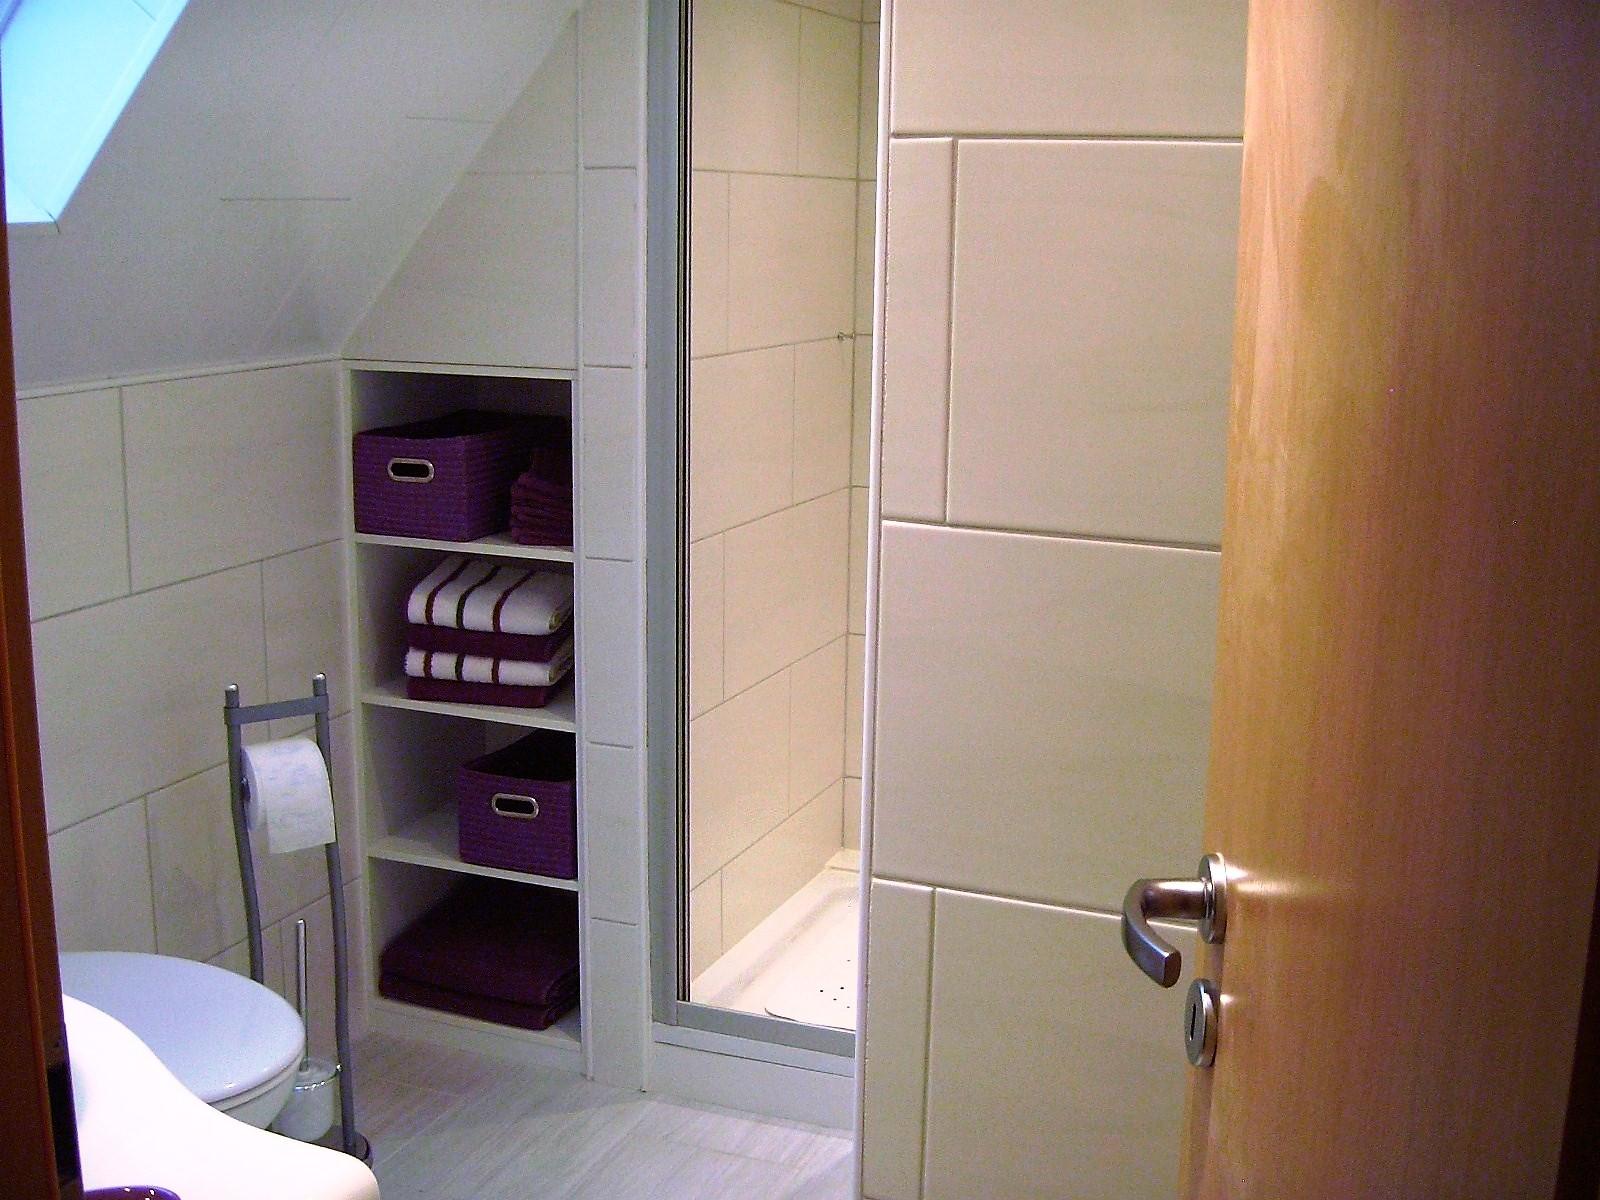 Foto von der Dusche im Bad